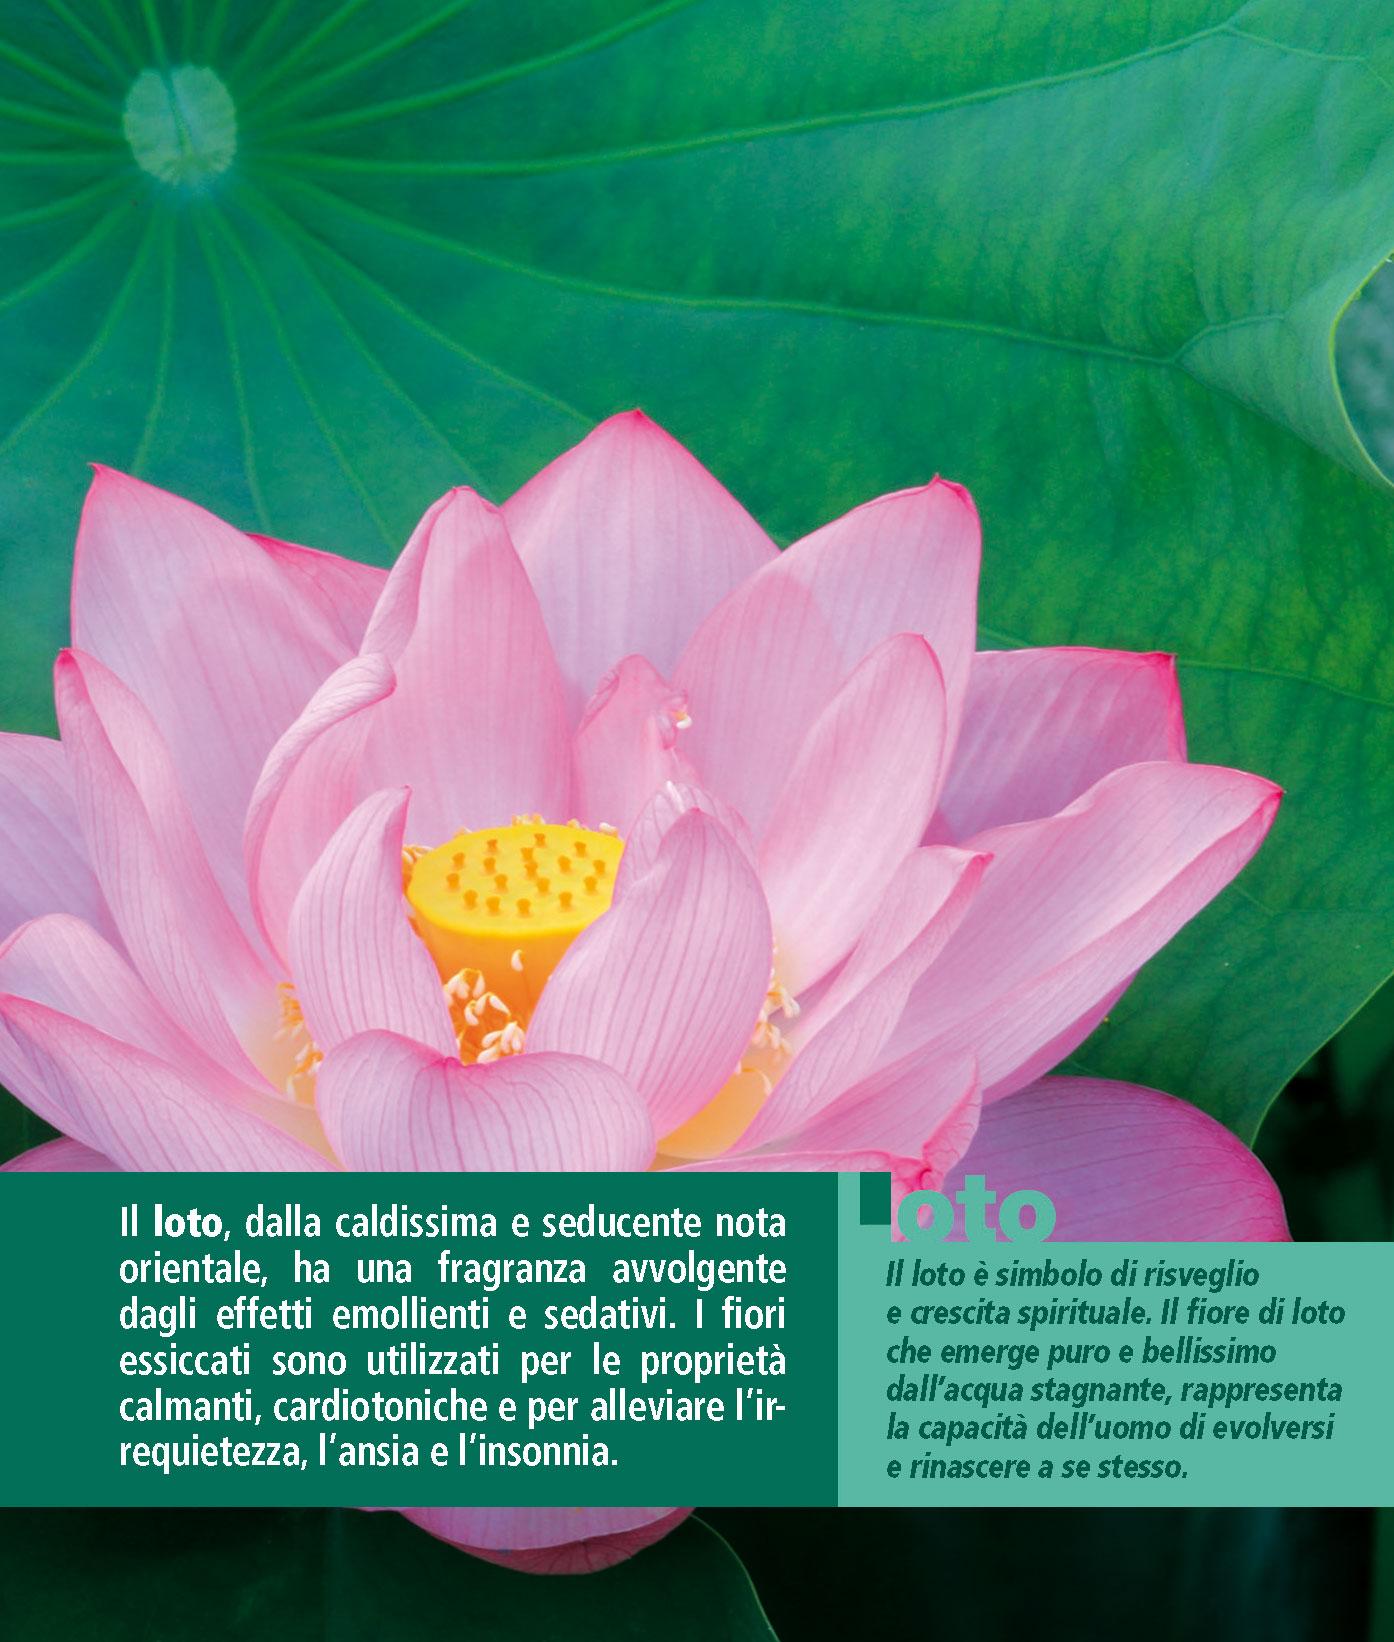 Calendario FioriEssenzeParole 2016 Luglio retro pagina